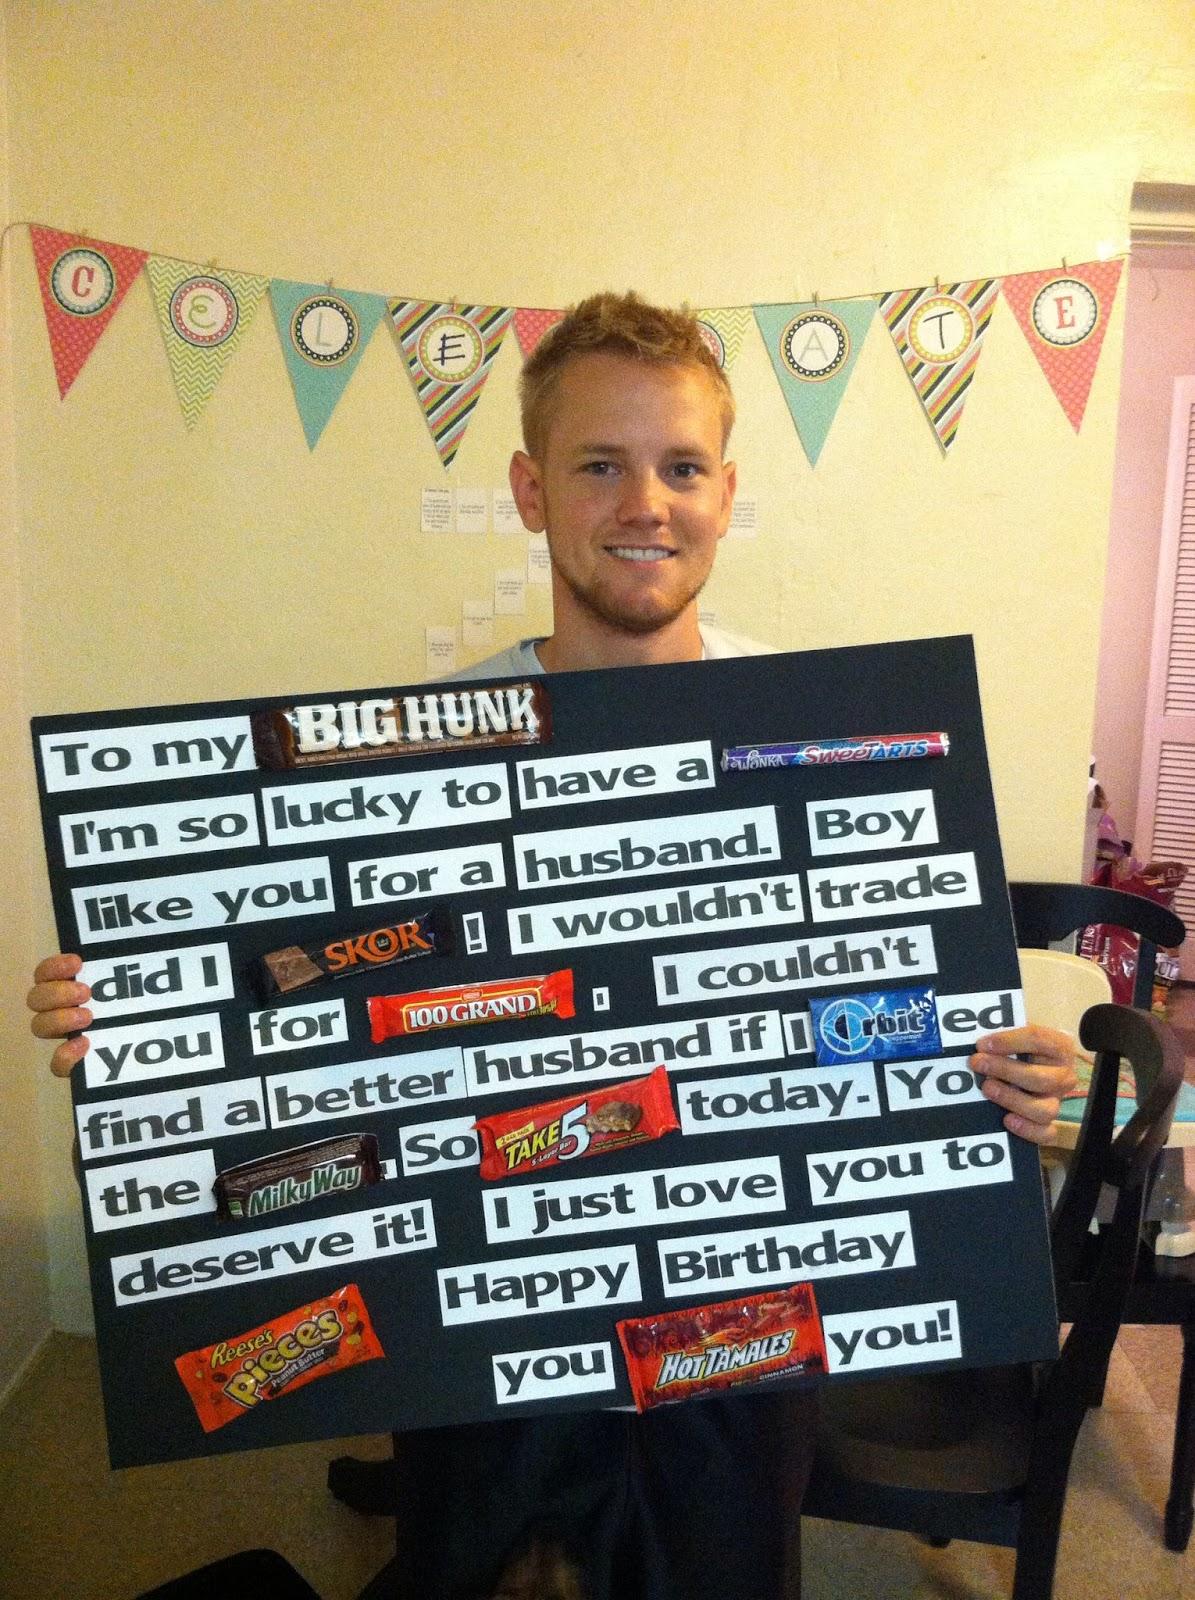 25th Birthday Gift Ideas For Him DIY